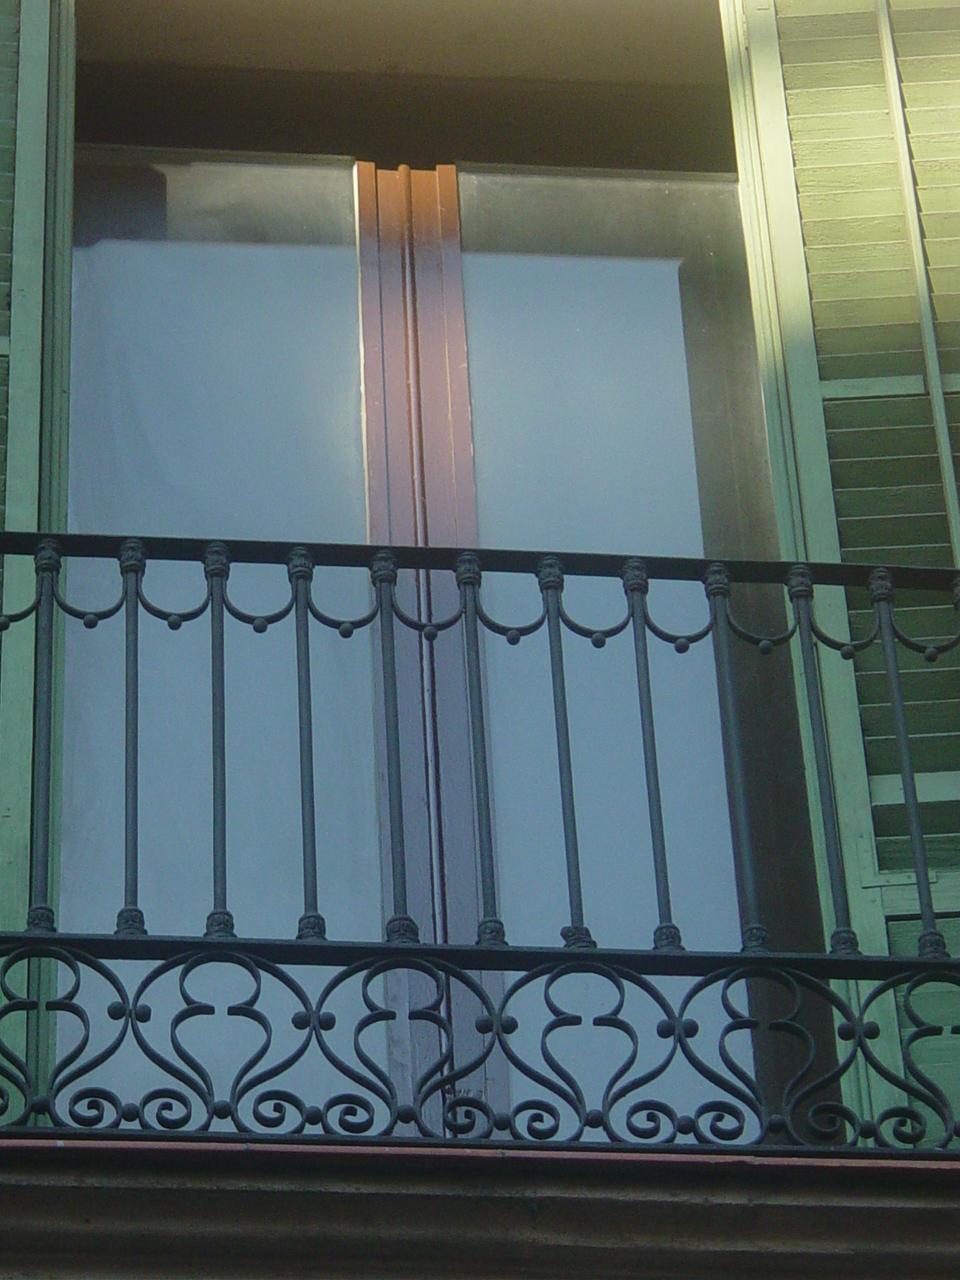 Escaleras de interior a medida escaleras de interiores - Escaleras de forja interiores ...